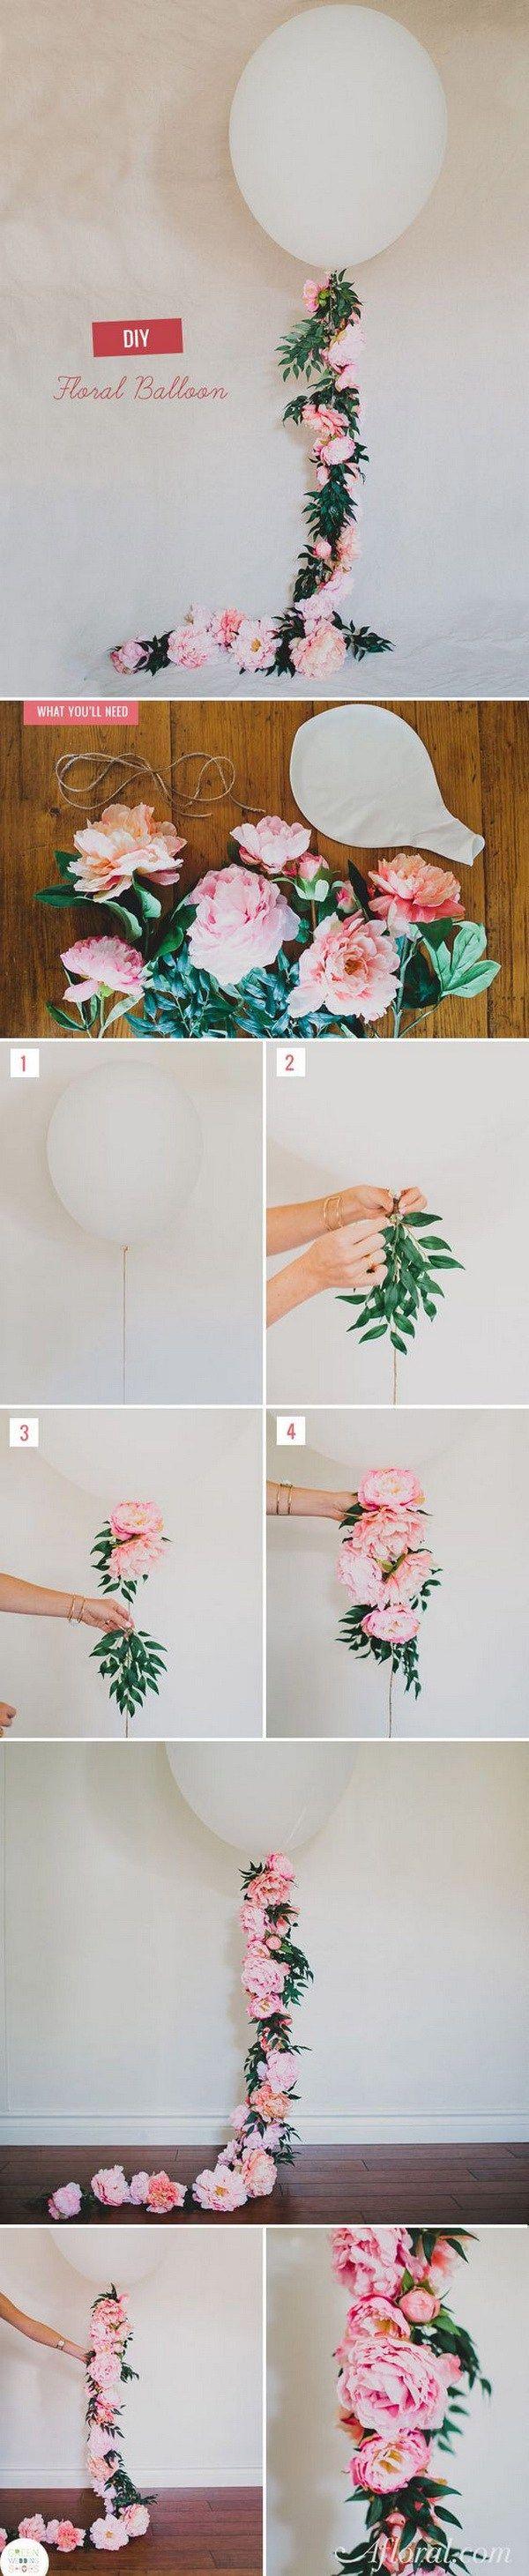 Adorable Floral Balloon Decoration.